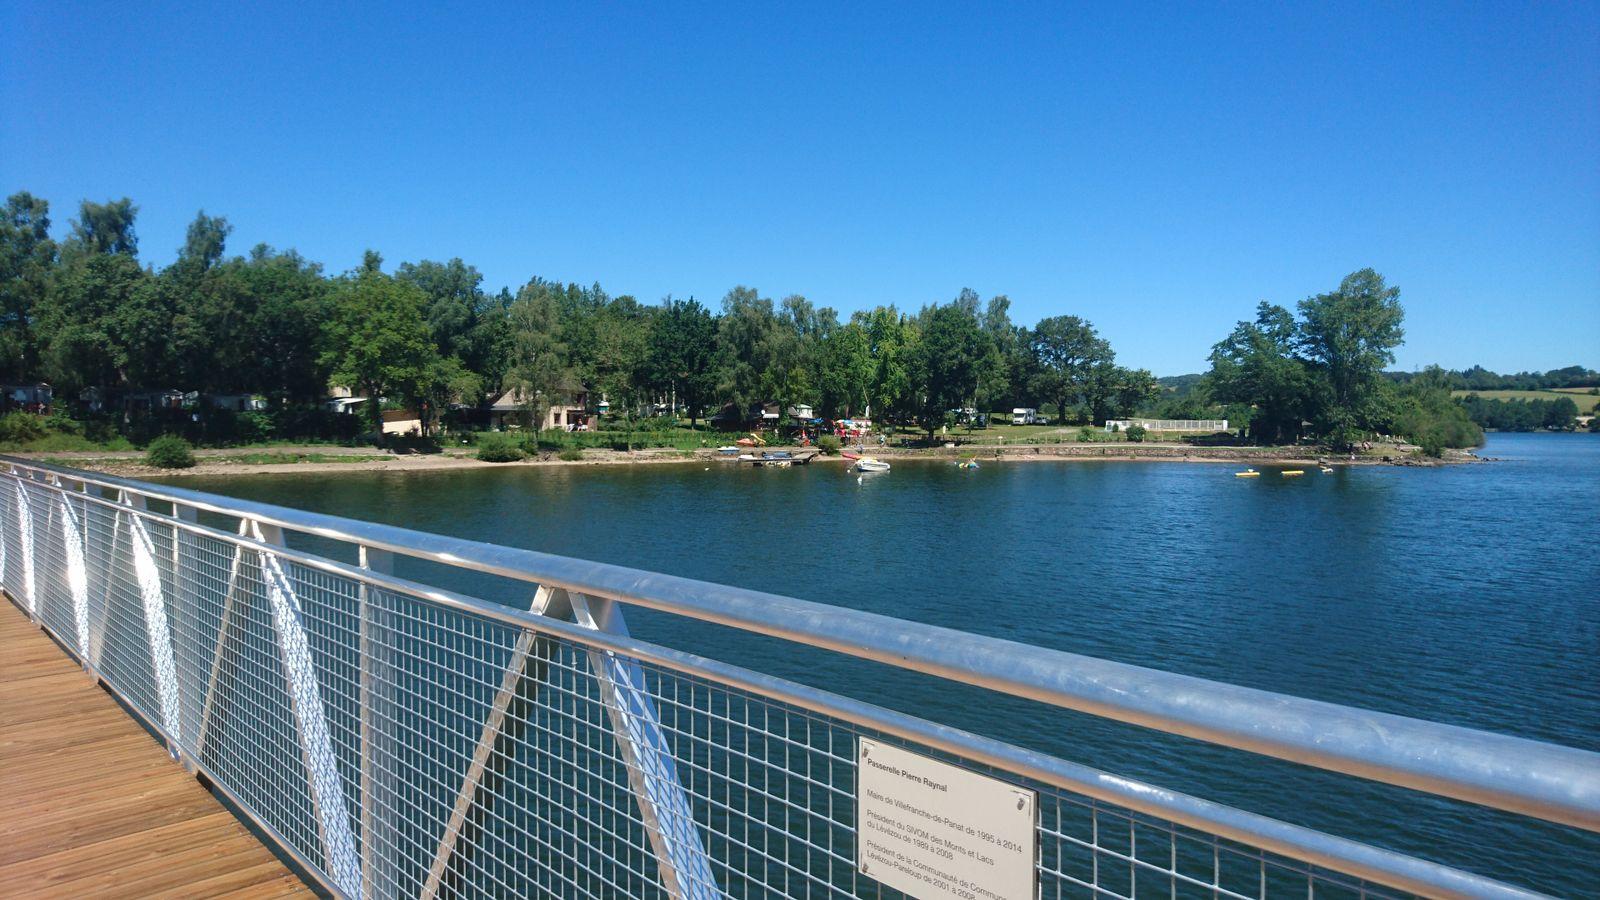 Passerelle sur le lac pour chemin pédestre tour du lac